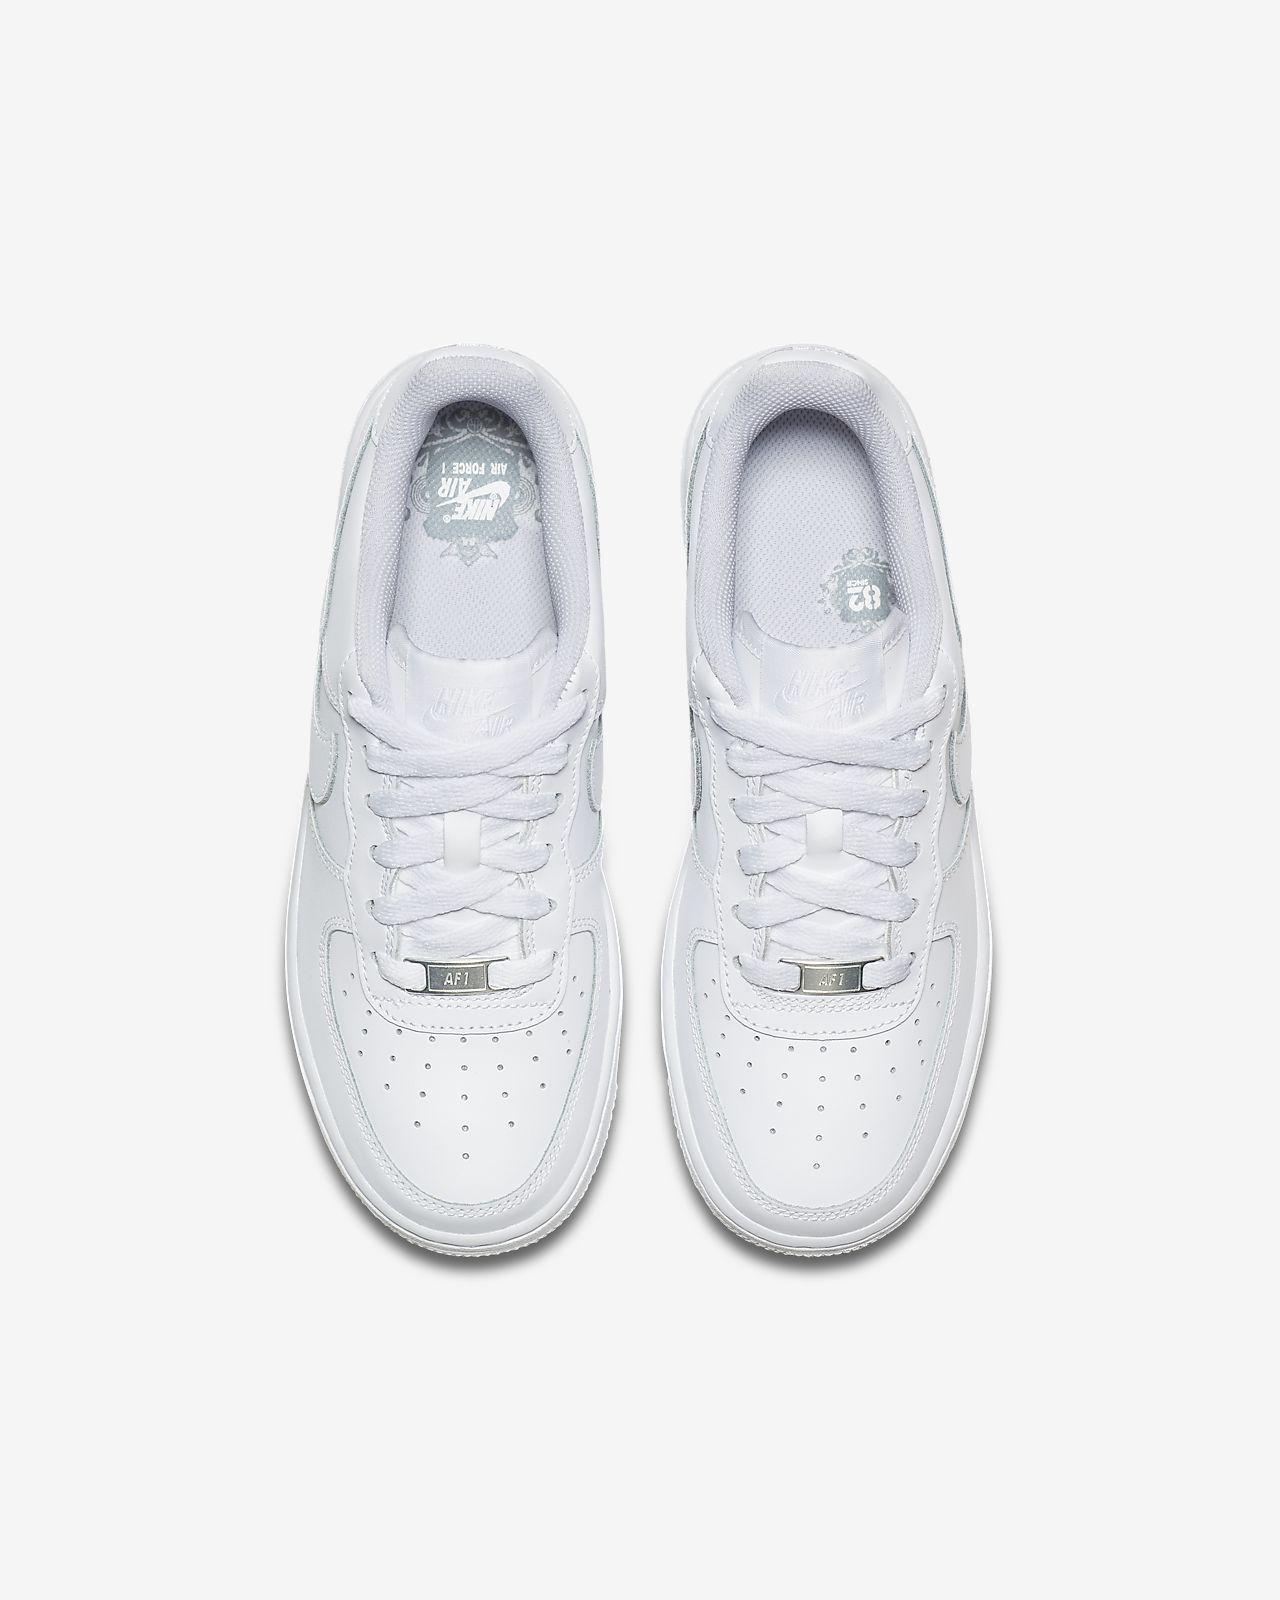 4aaf558950 Nike Air Force 1 Older Kids  Shoe